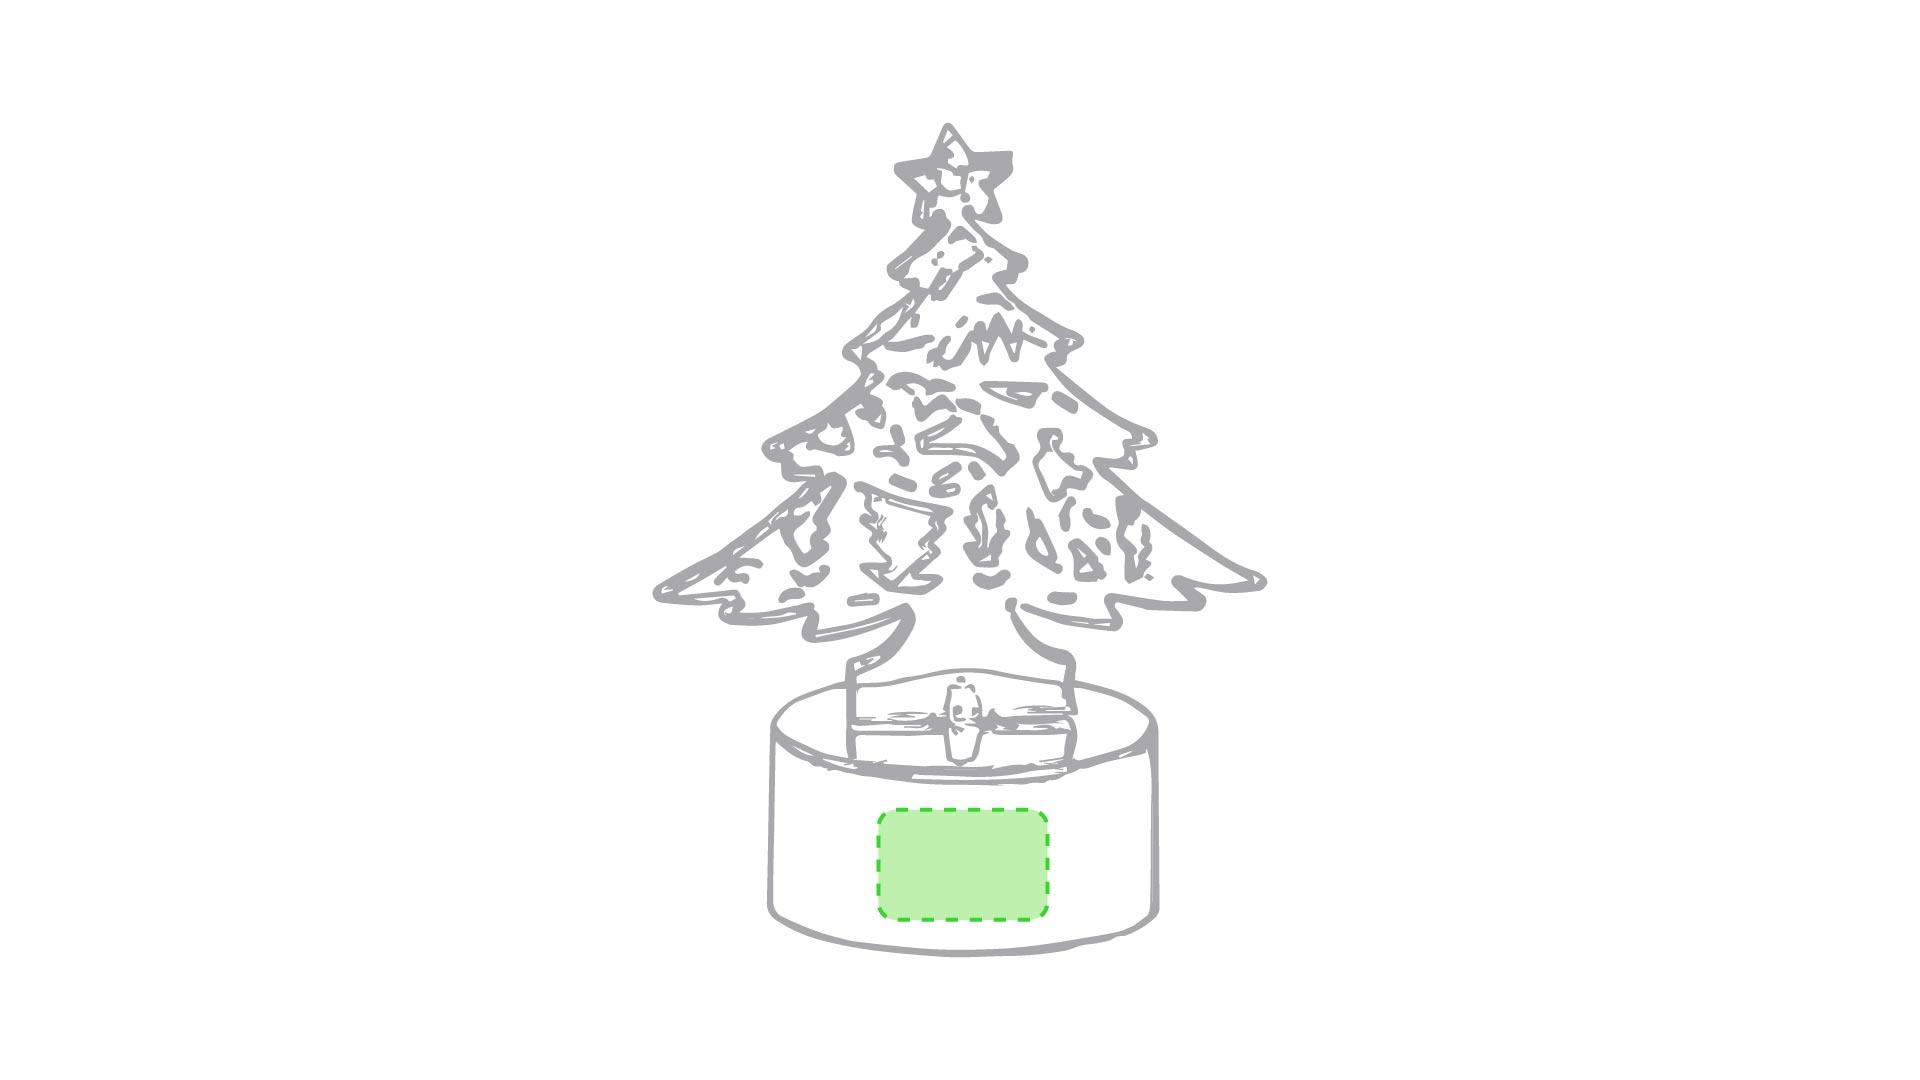 En la base del arbol de navidad